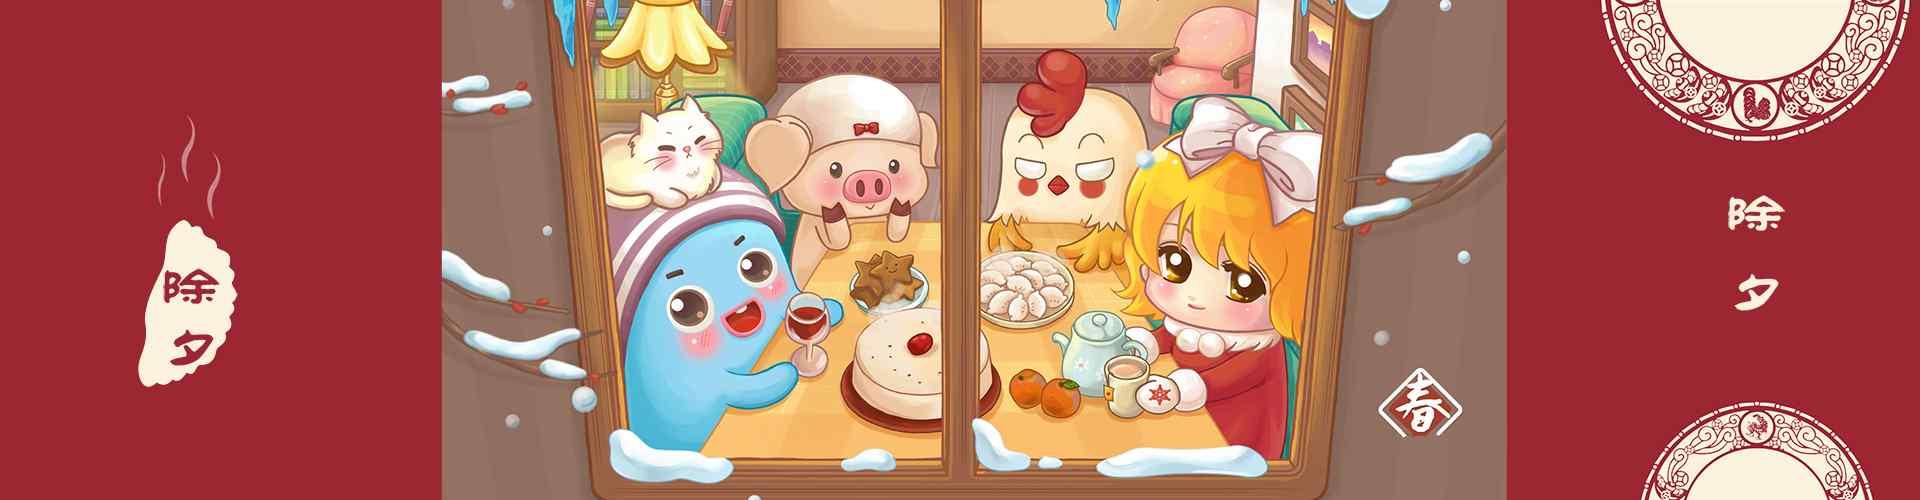 春节美食_春节美食图片_饺子图片_汤圆图片_饺子、汤圆手机壁纸_节日图片大全